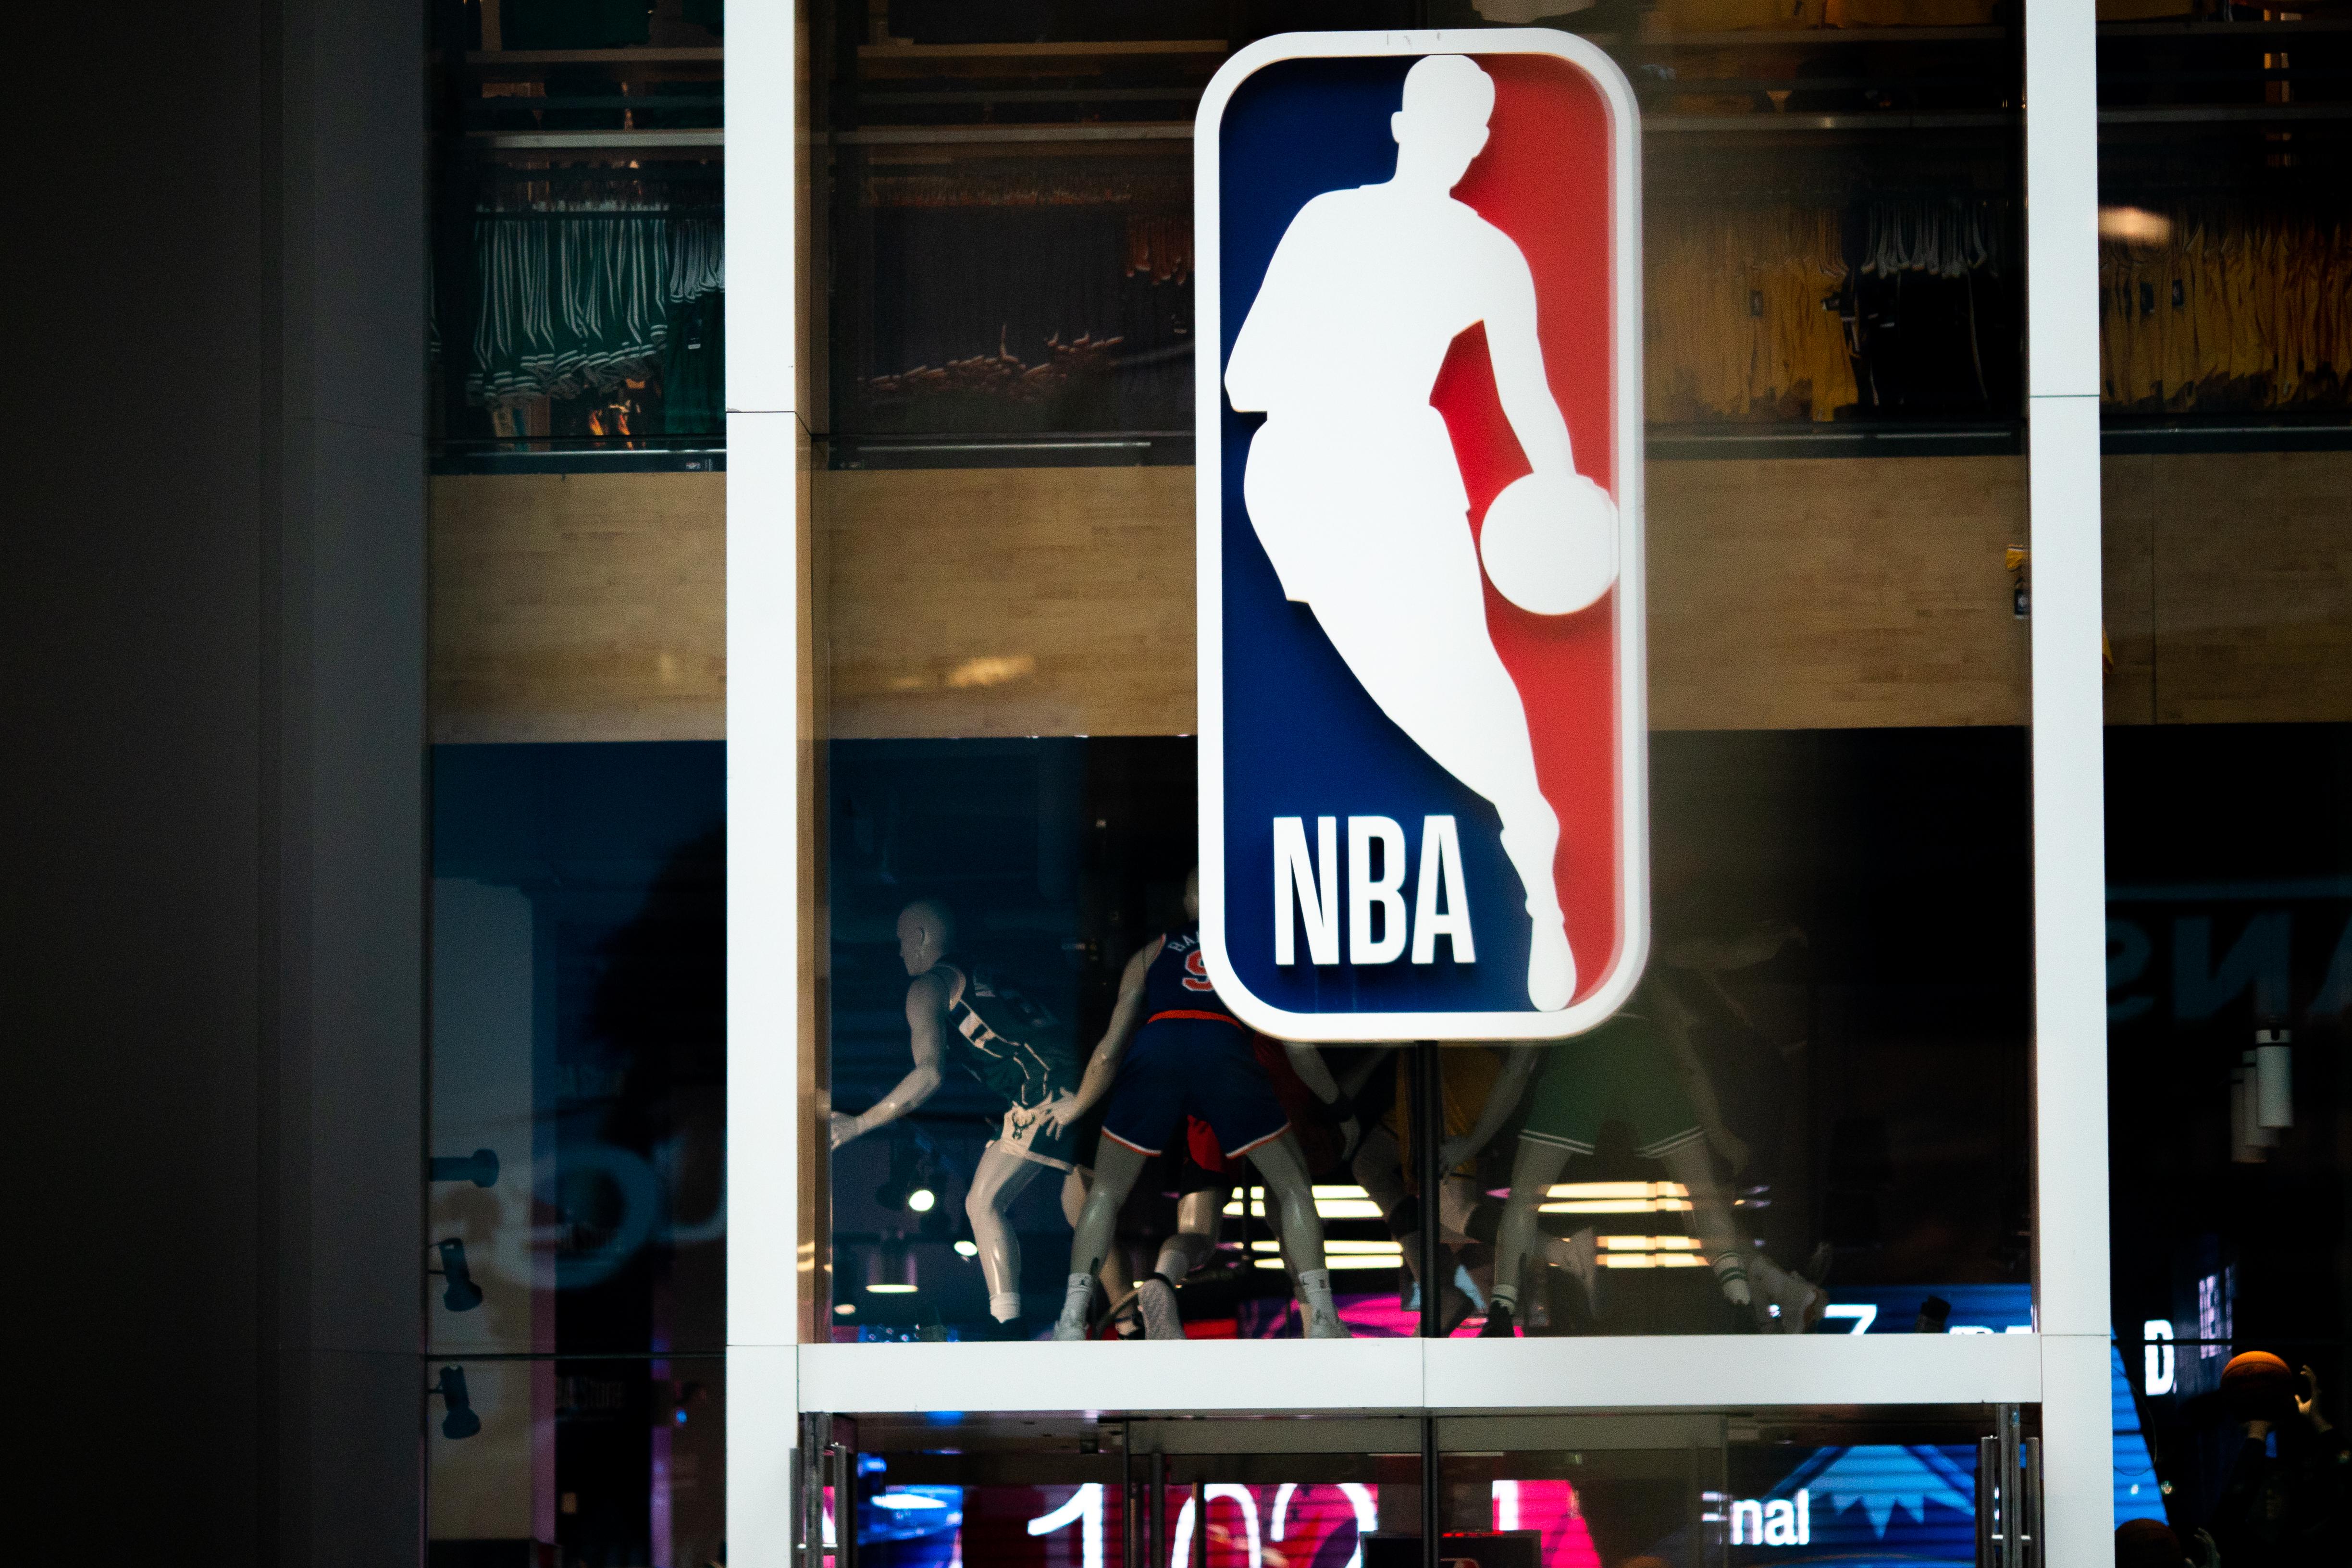 Nem teszteli a következő szezonban az NBA, hogy füveztek-e a játékosok